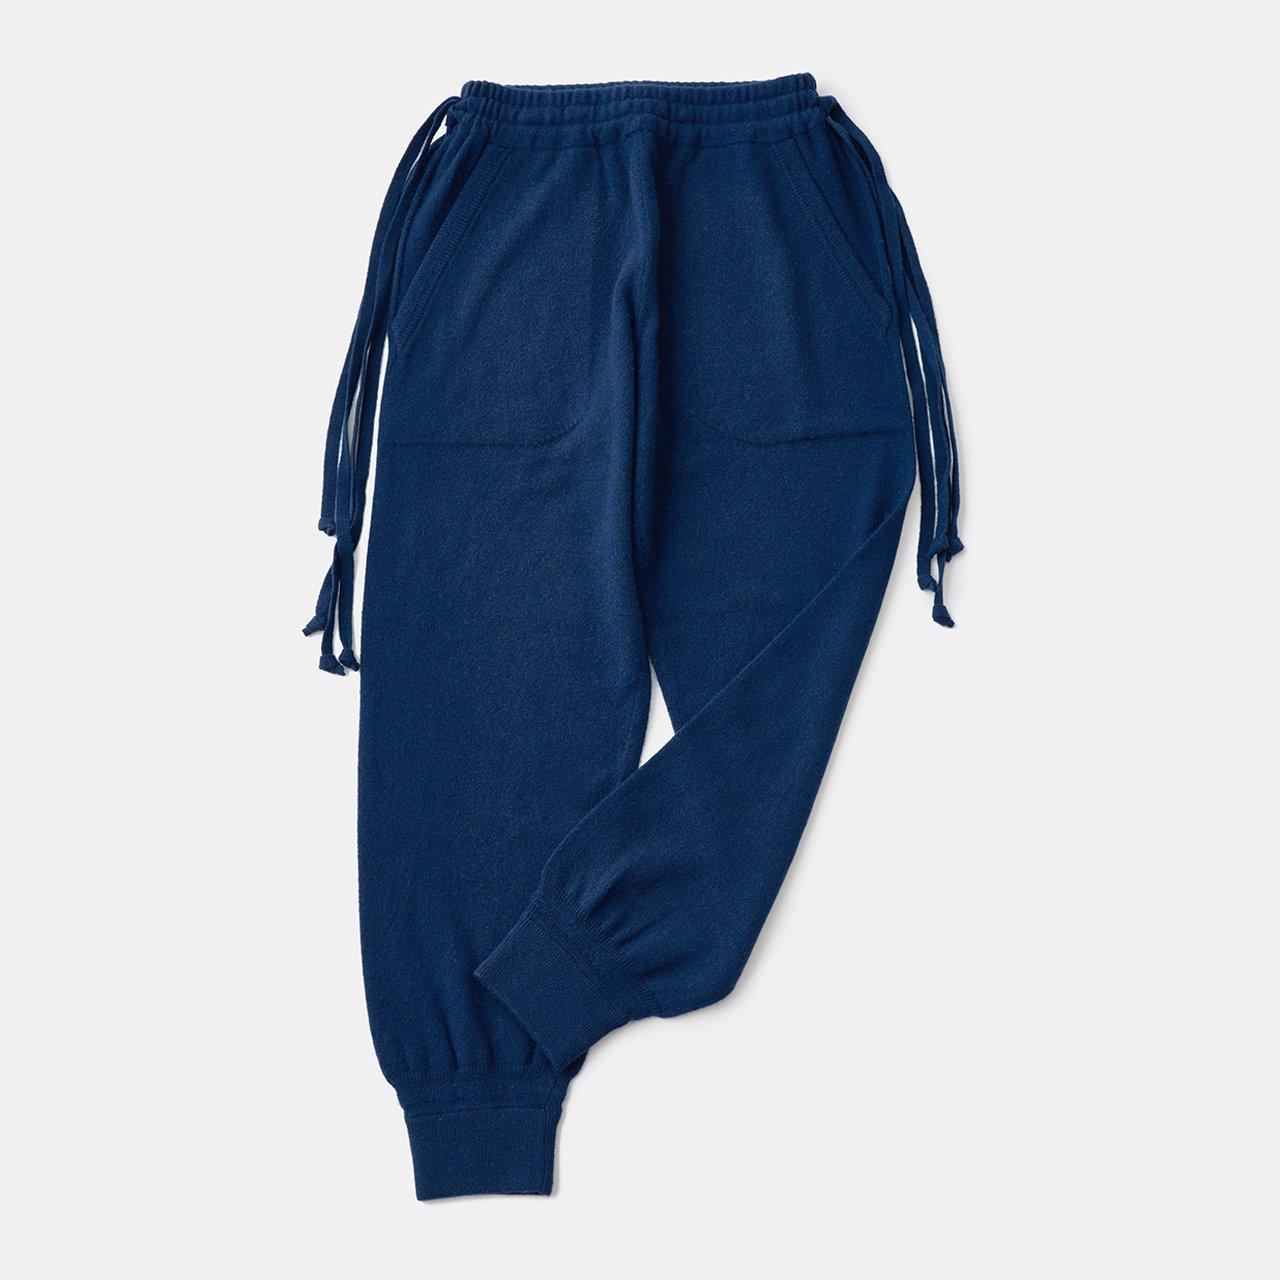 CASHMERE  BASIC BoyFriend PANTS<BR>BLUE